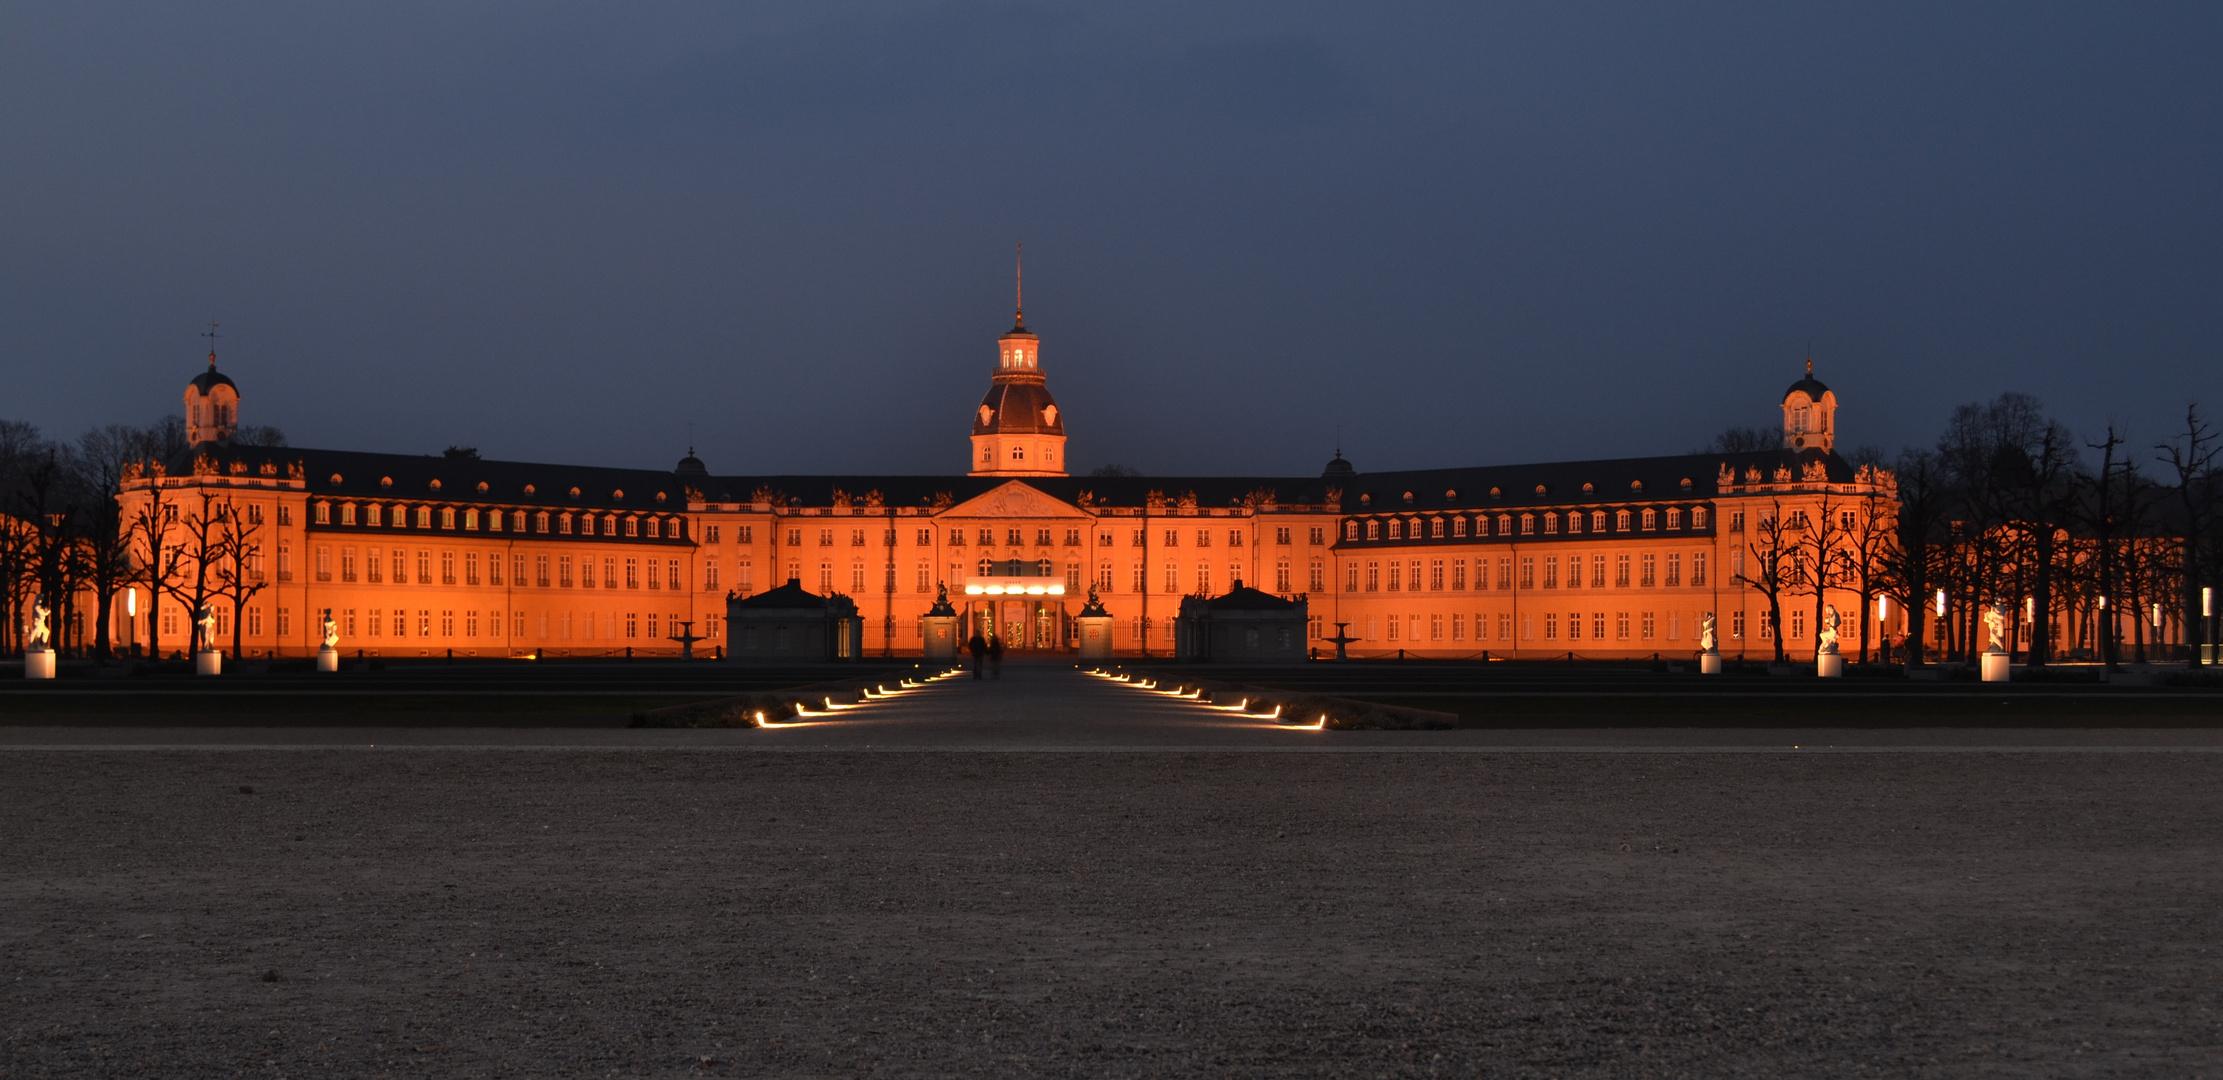 Schloß in Karlsruhe bei Nacht